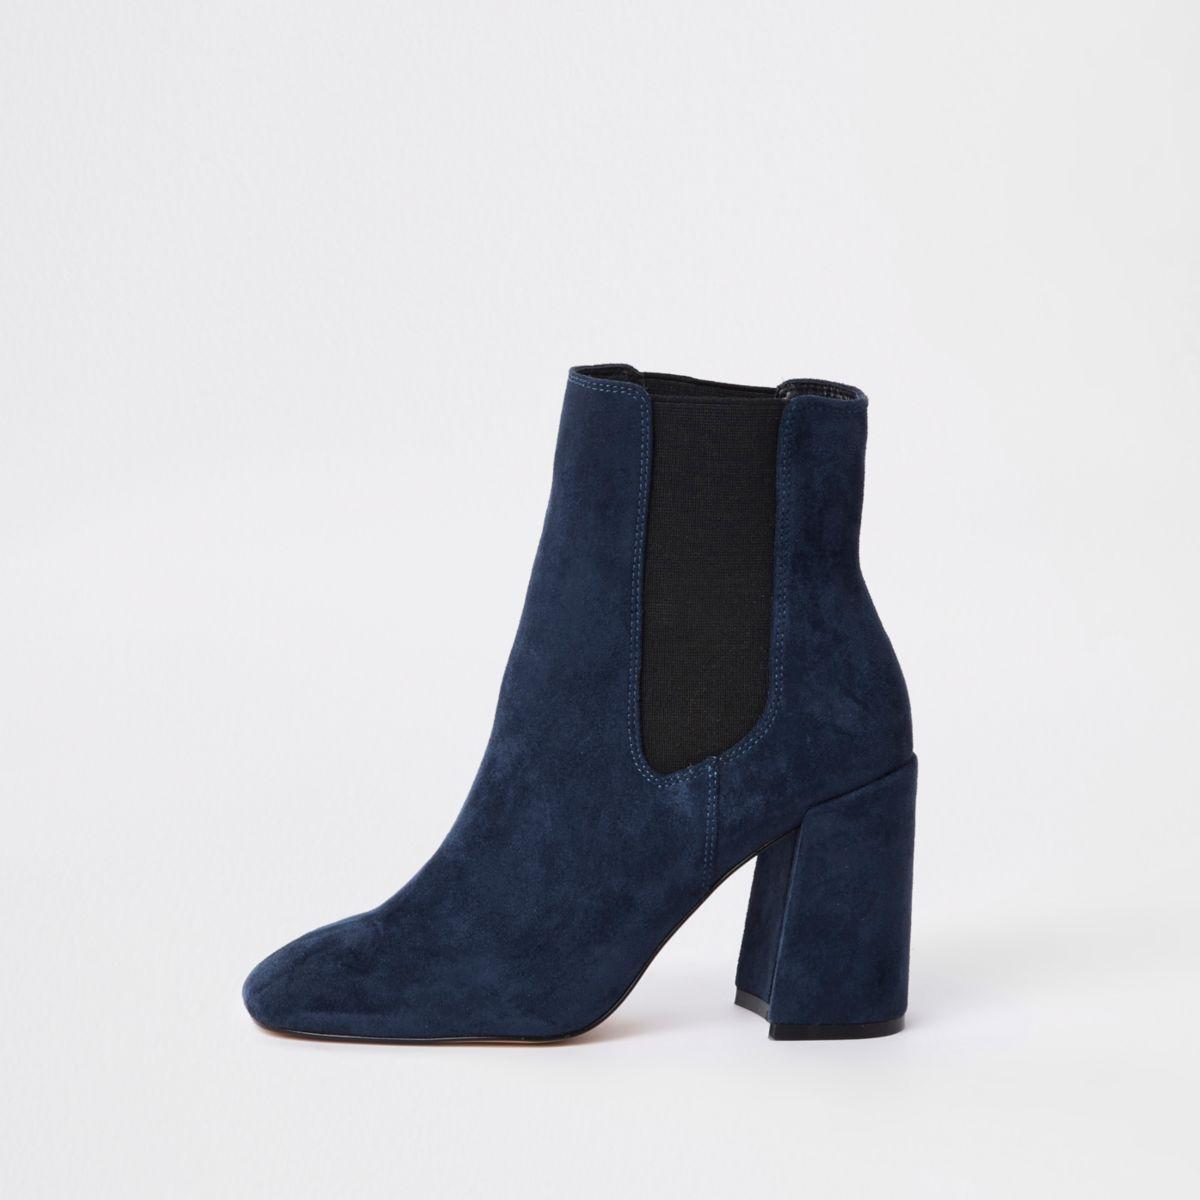 Navy faux suede block heel boots